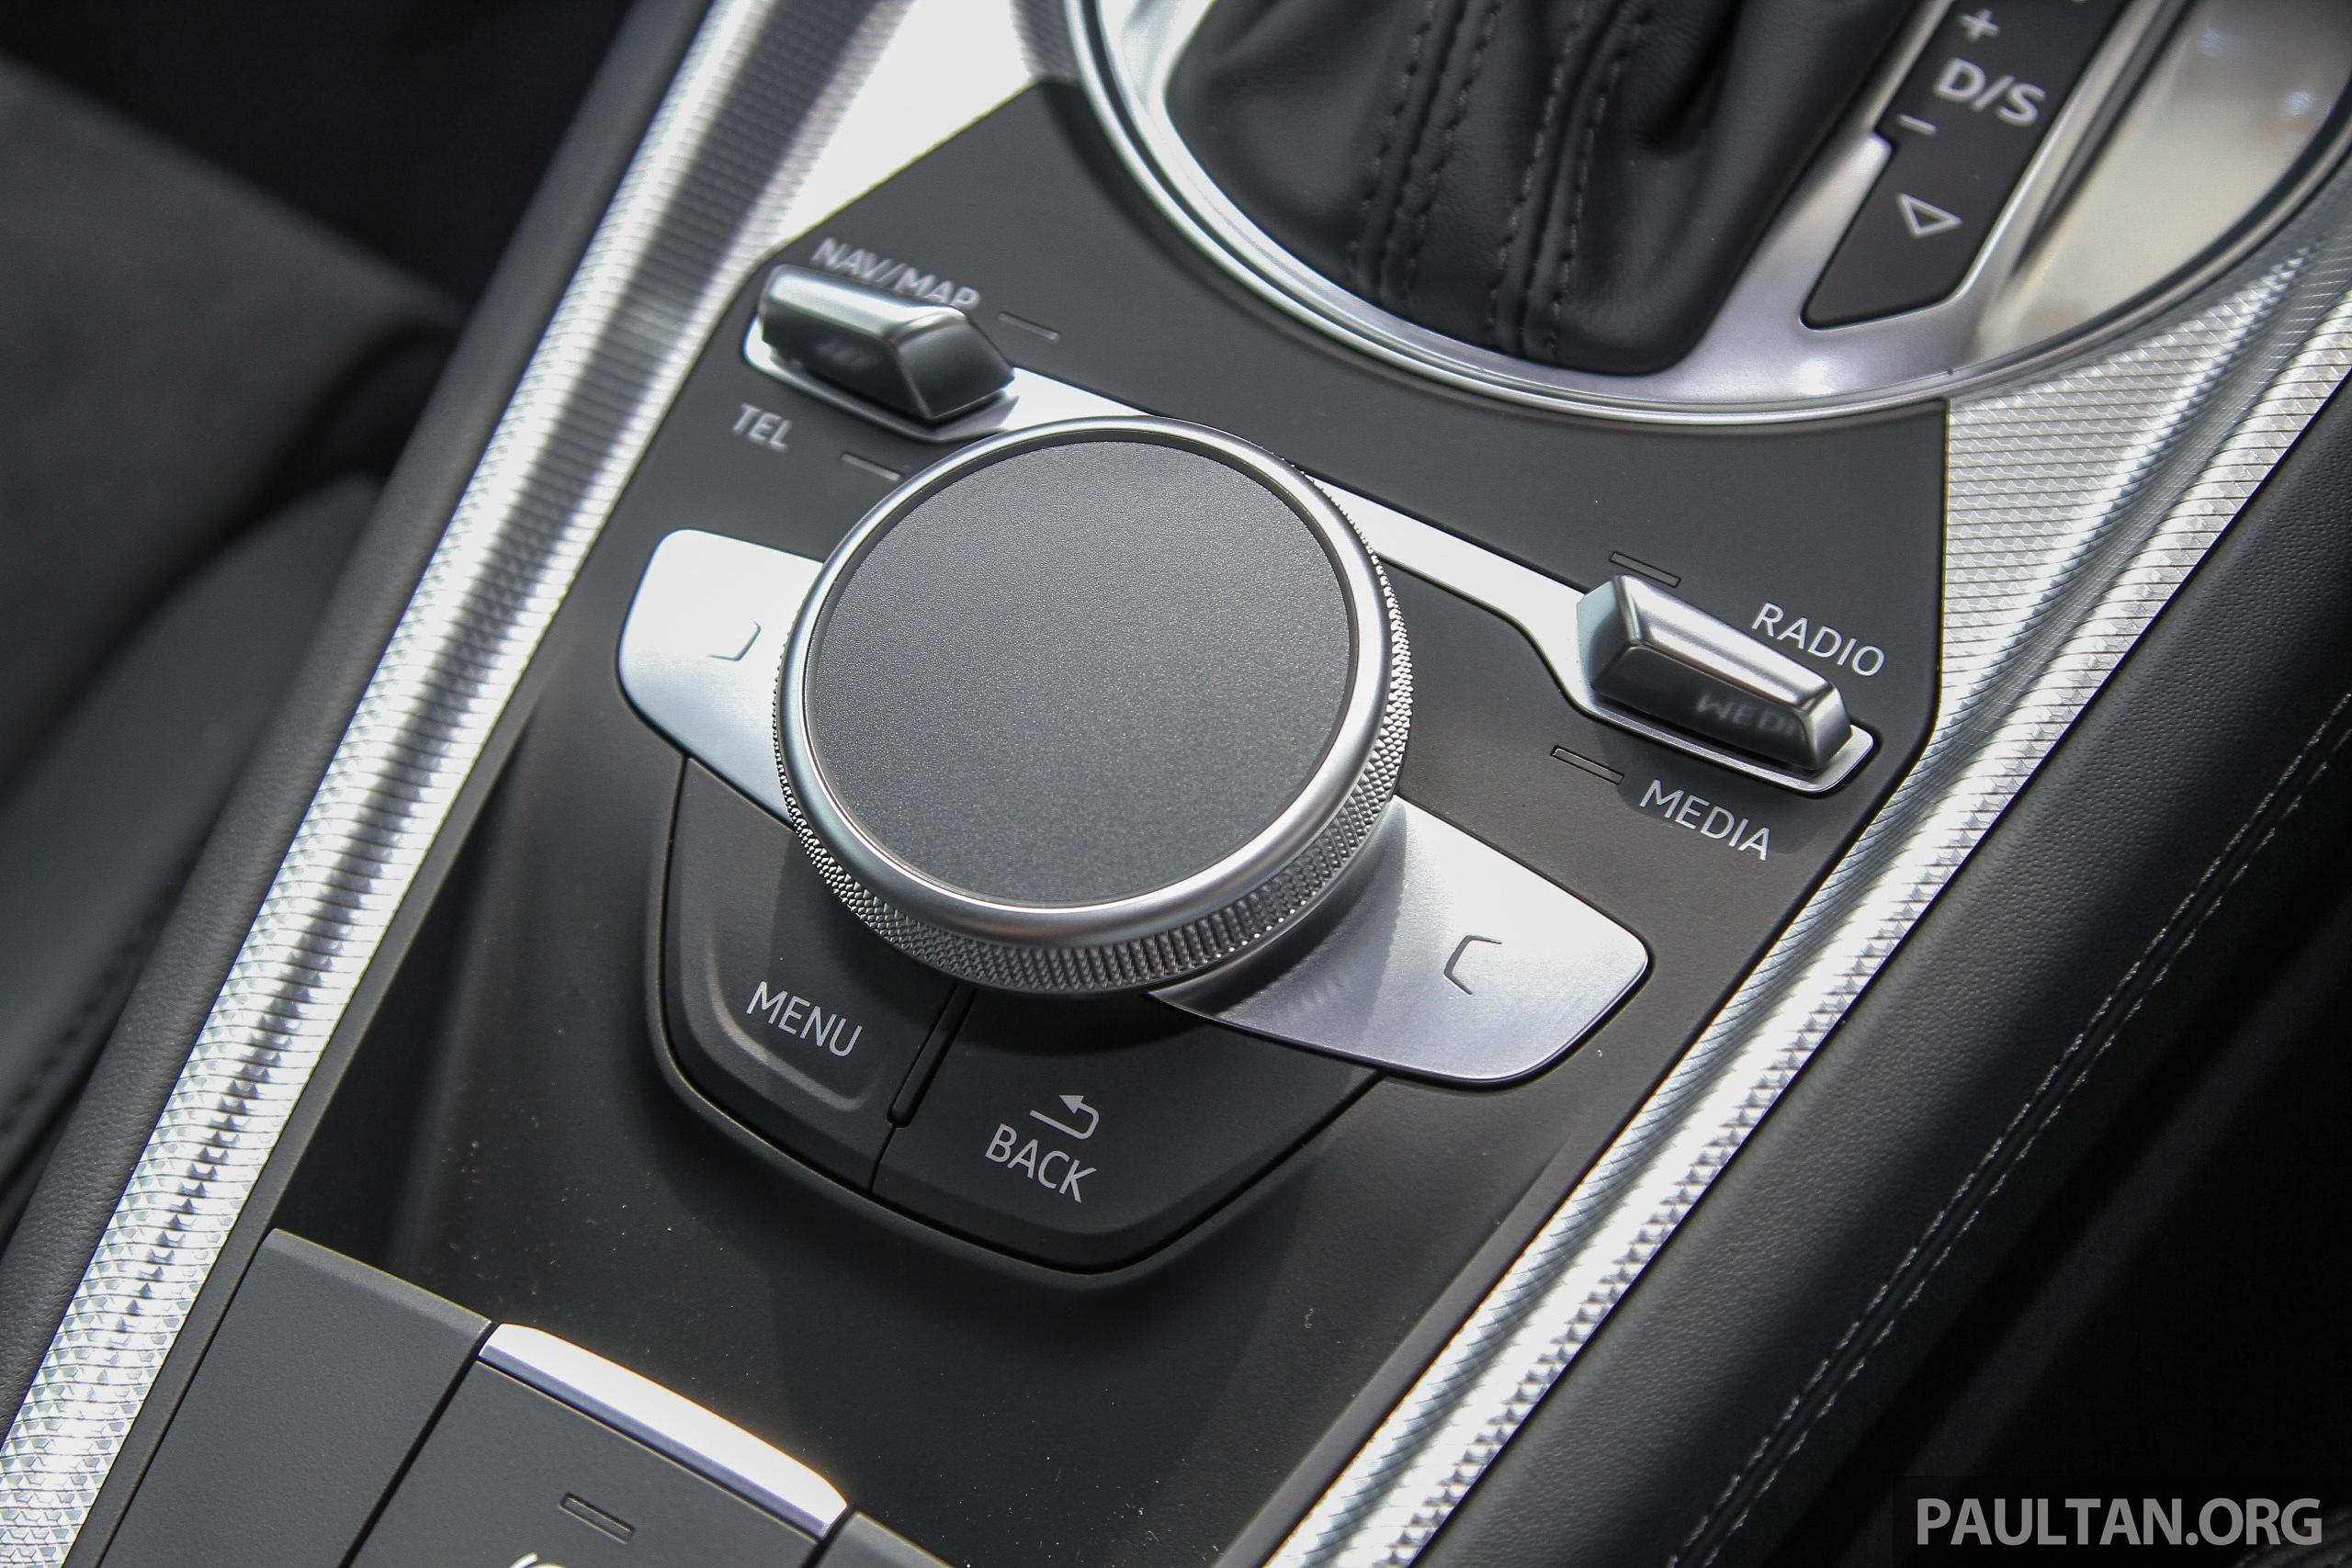 Gallery 2016 Audi Tt 2 0 Tfsi A Closer Look Paul Tan